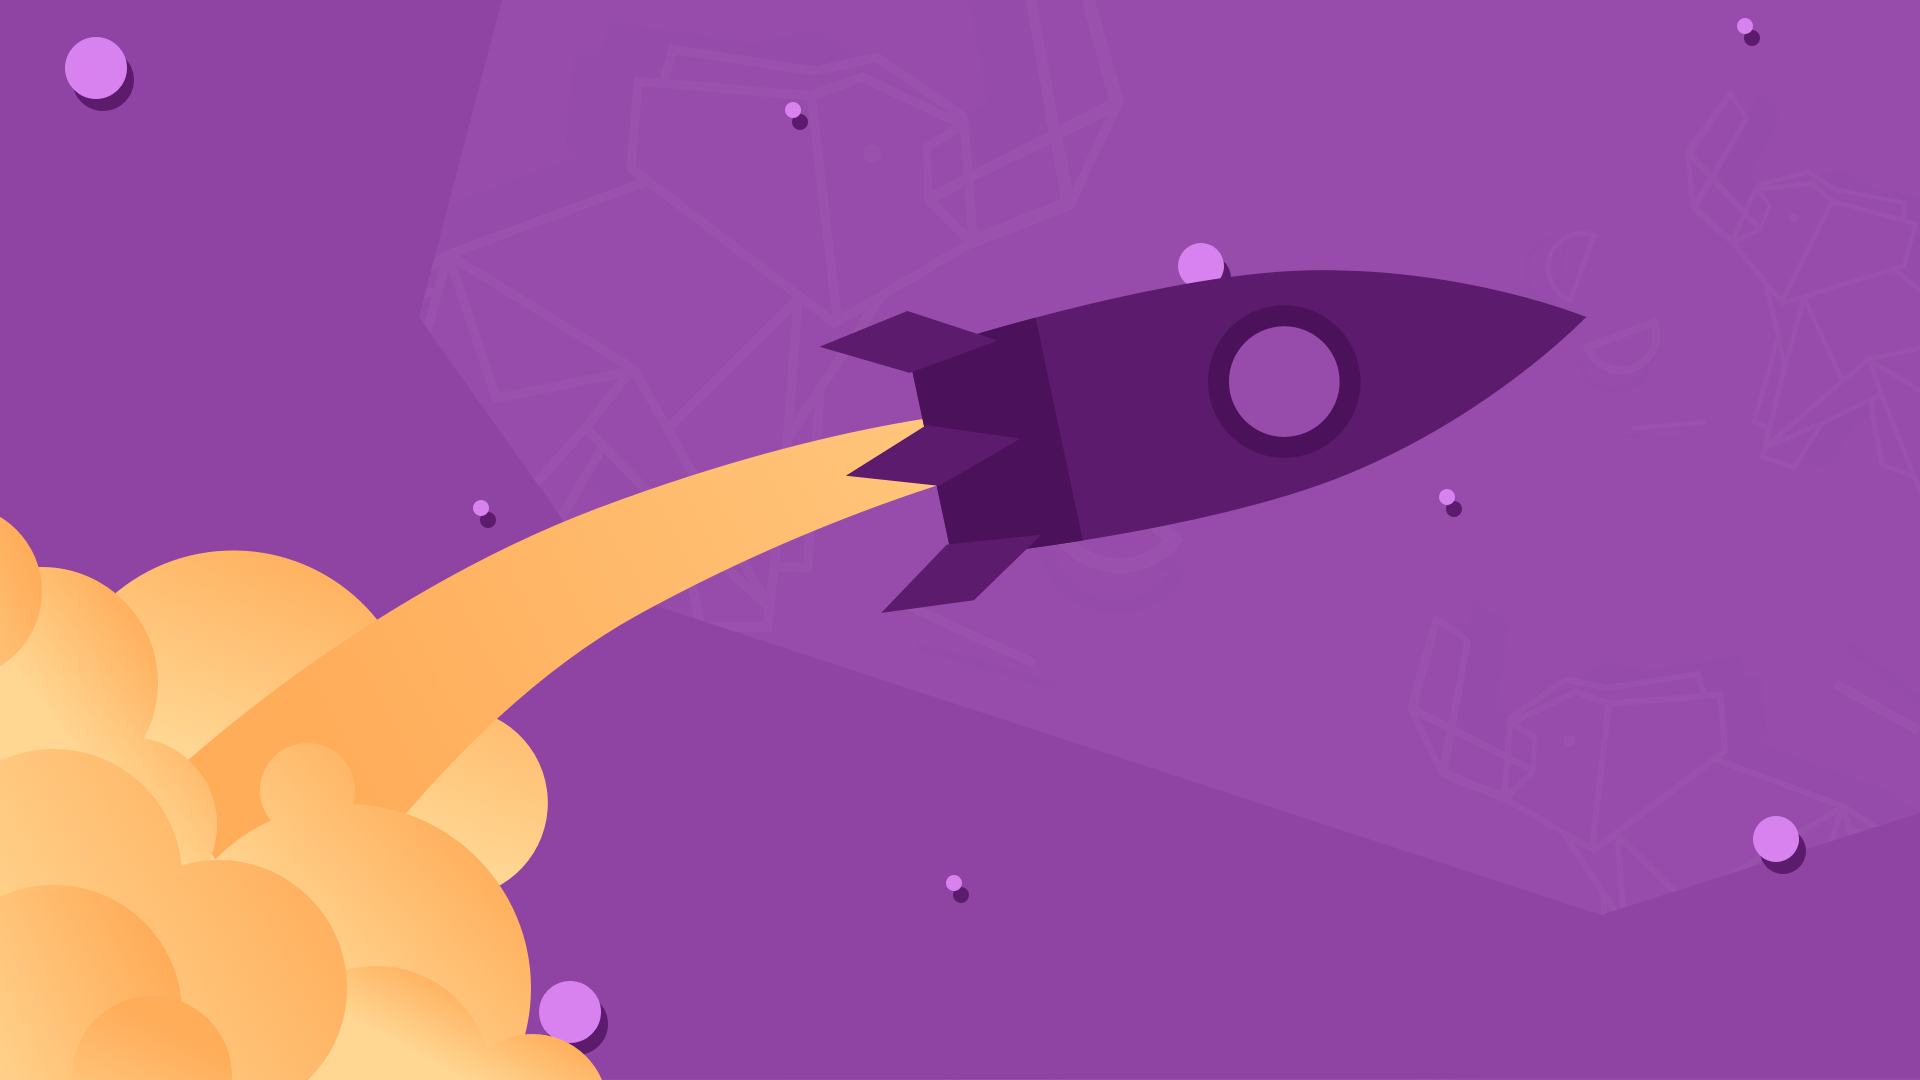 Laravel Course Image of Rocket